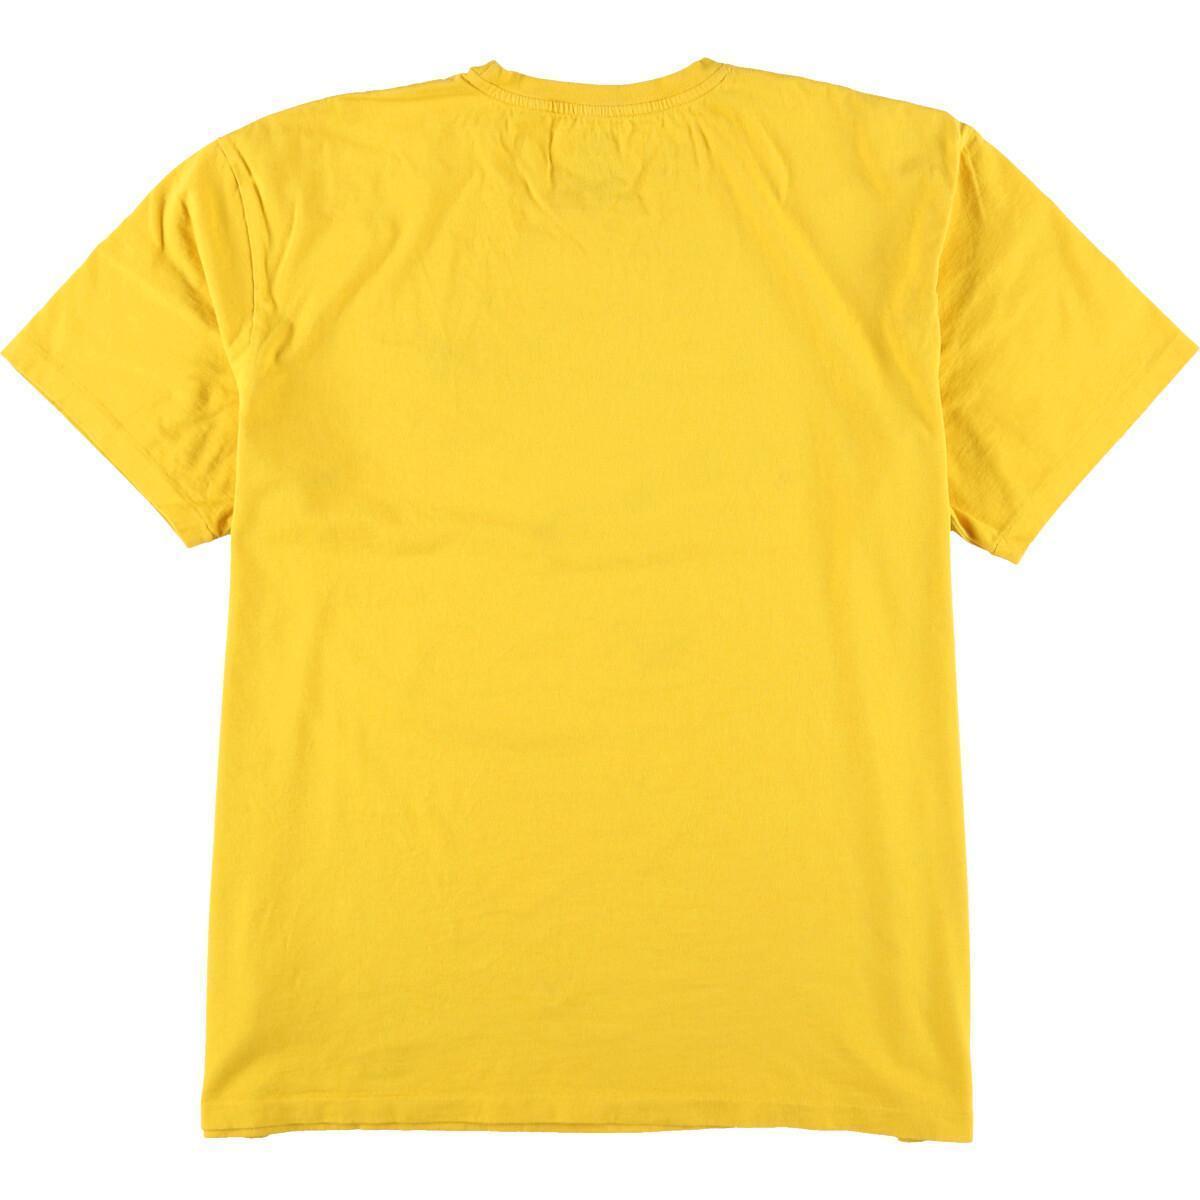 ラルフローレン Ralph Lauren POLO RALPH LAUREN 半袖 ワンポイントロゴTシャツ メンズXL /eaa159740_画像2